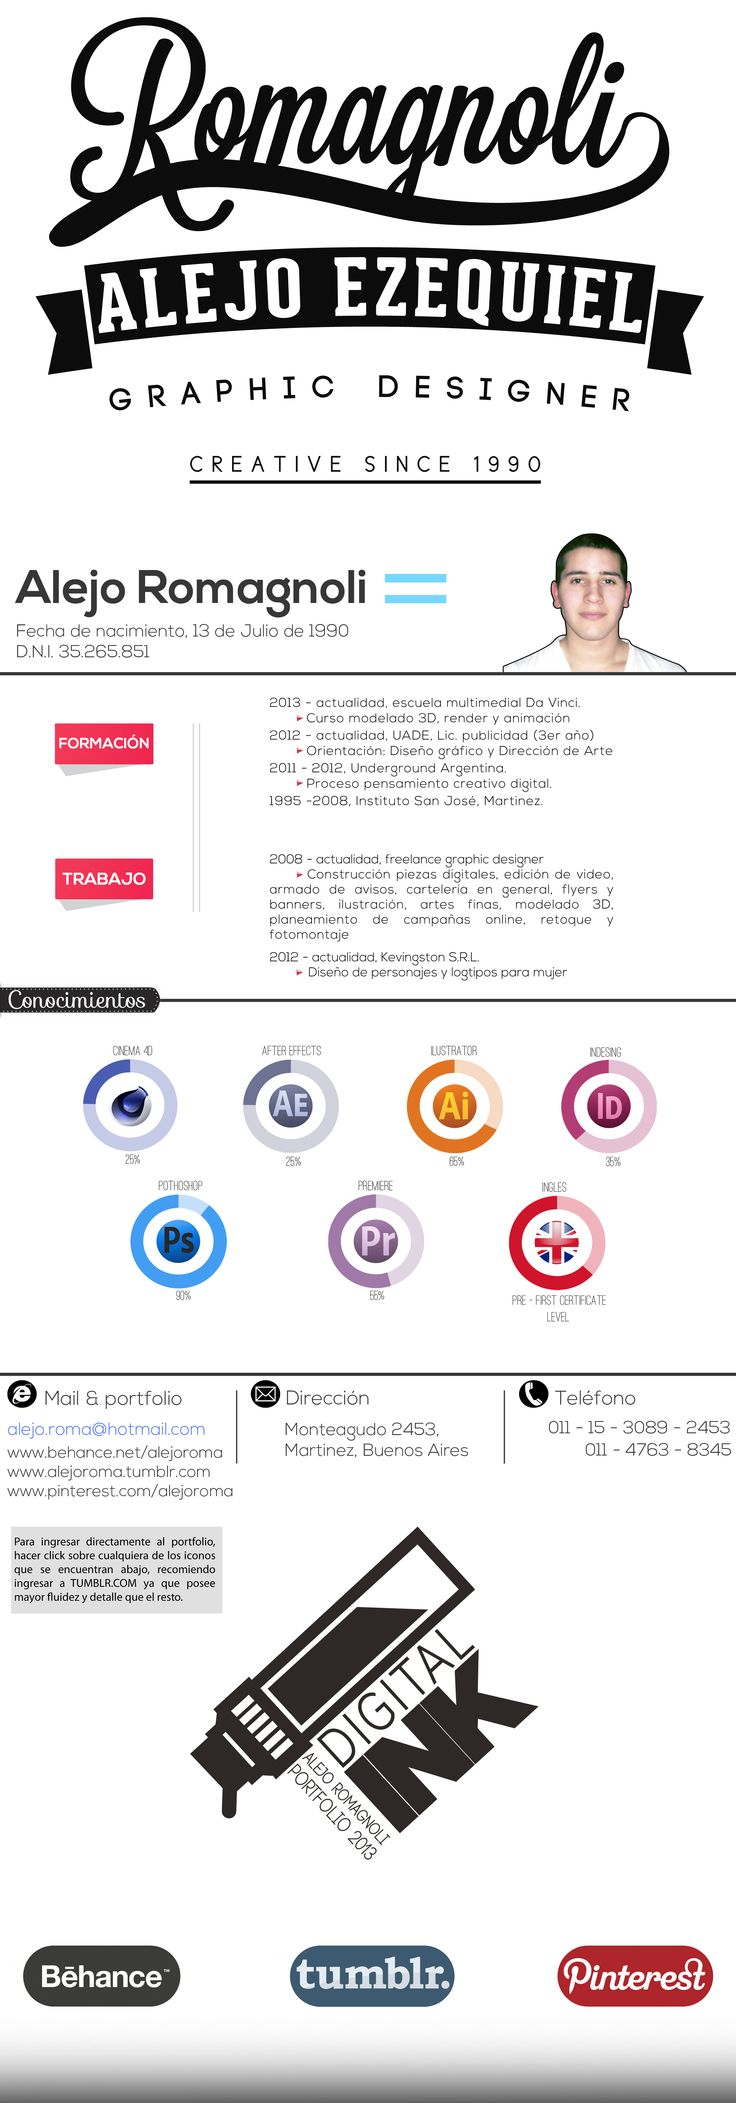 Ampoule laureen luhn design graphique - Mi Curriclum Vitae